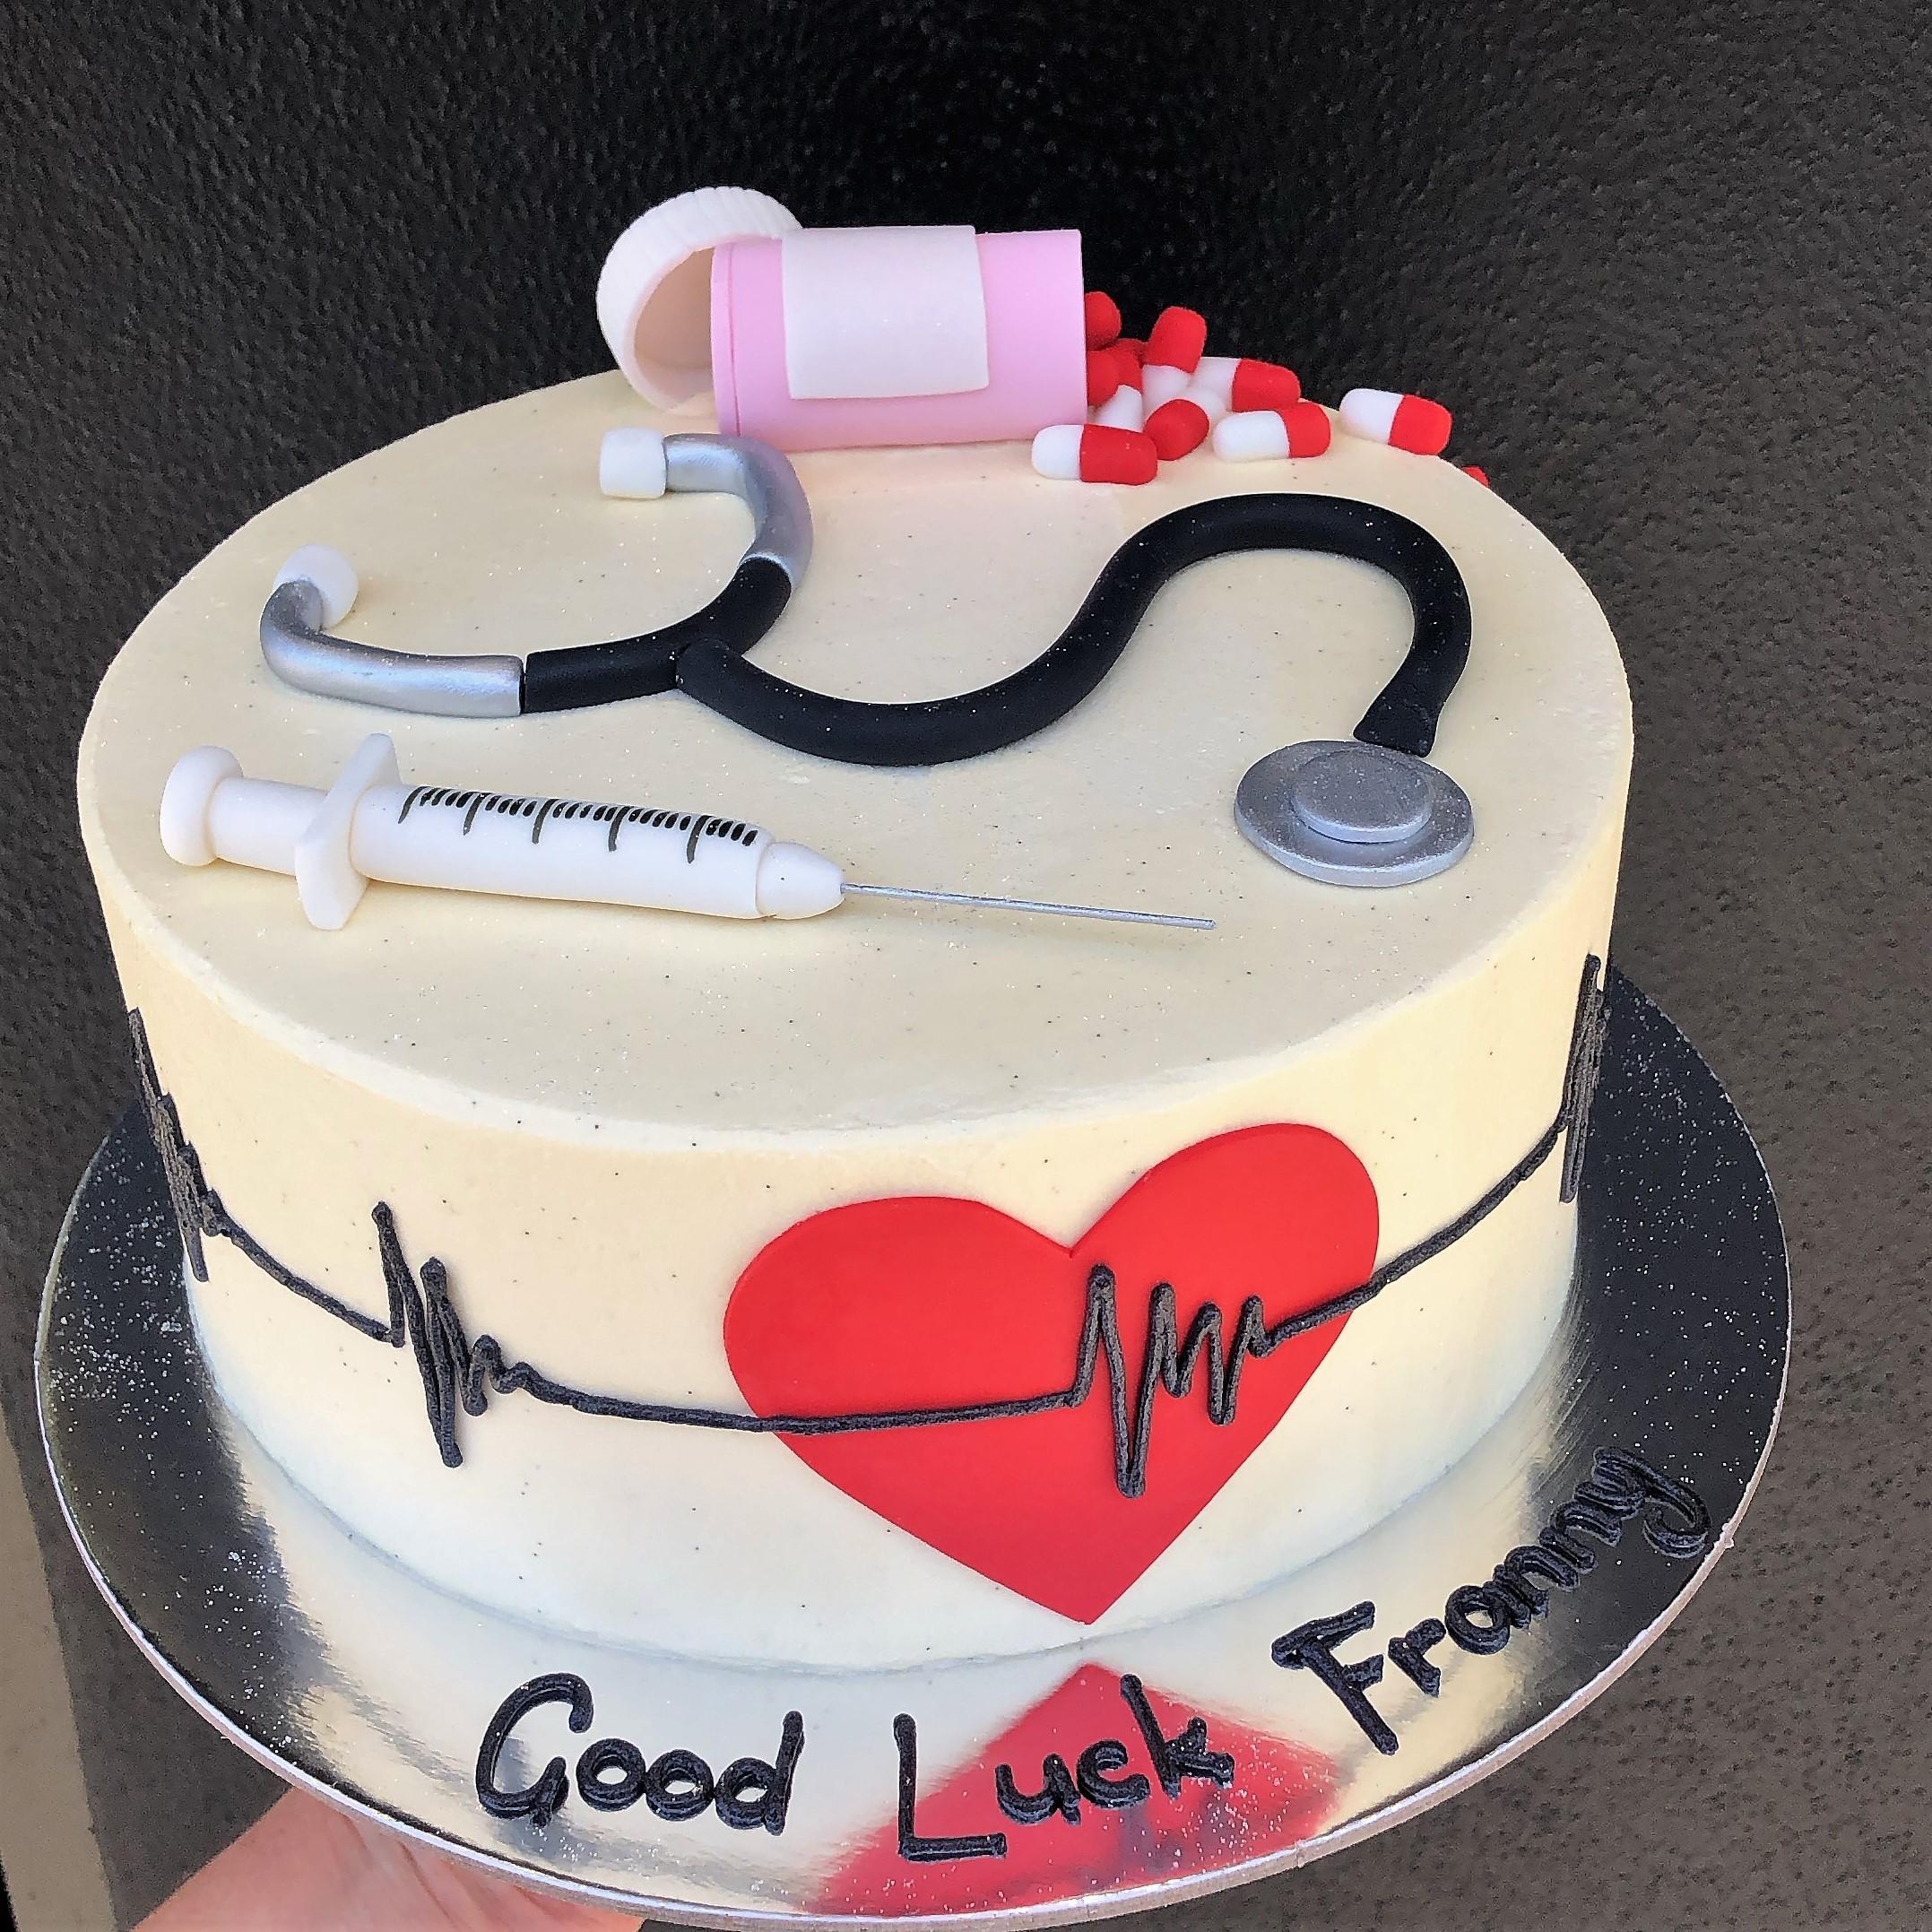 vanillapod-brisbanecakes-nurse-corporatecakes (2).JPG